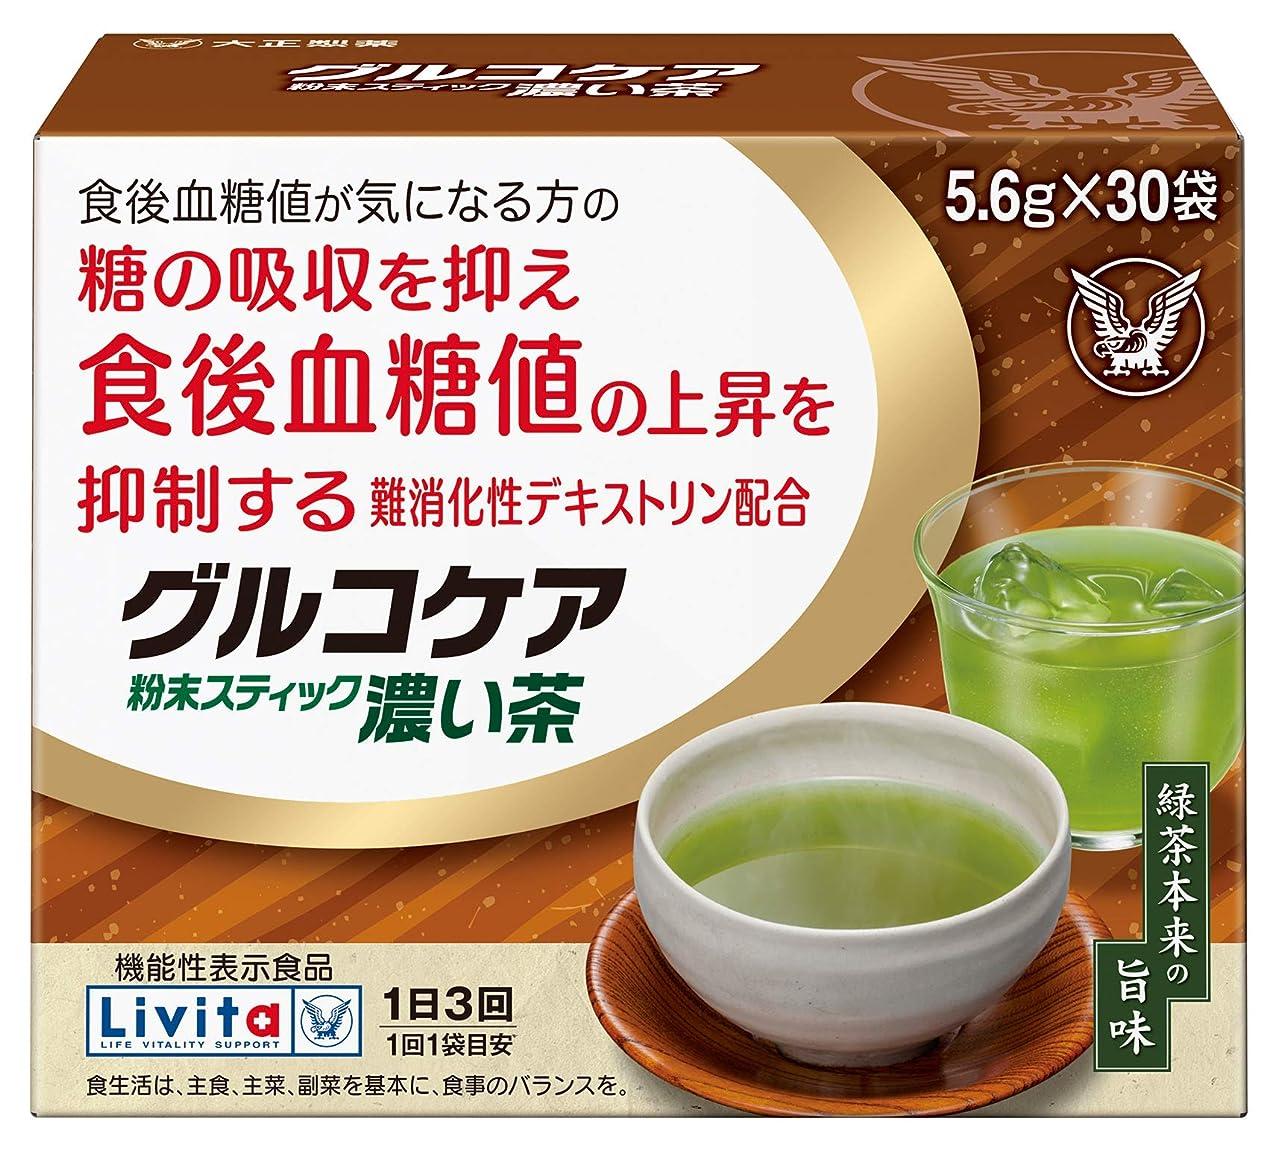 合図積極的に手荷物グルコケア粉末スティック濃い茶 5.6g×30袋